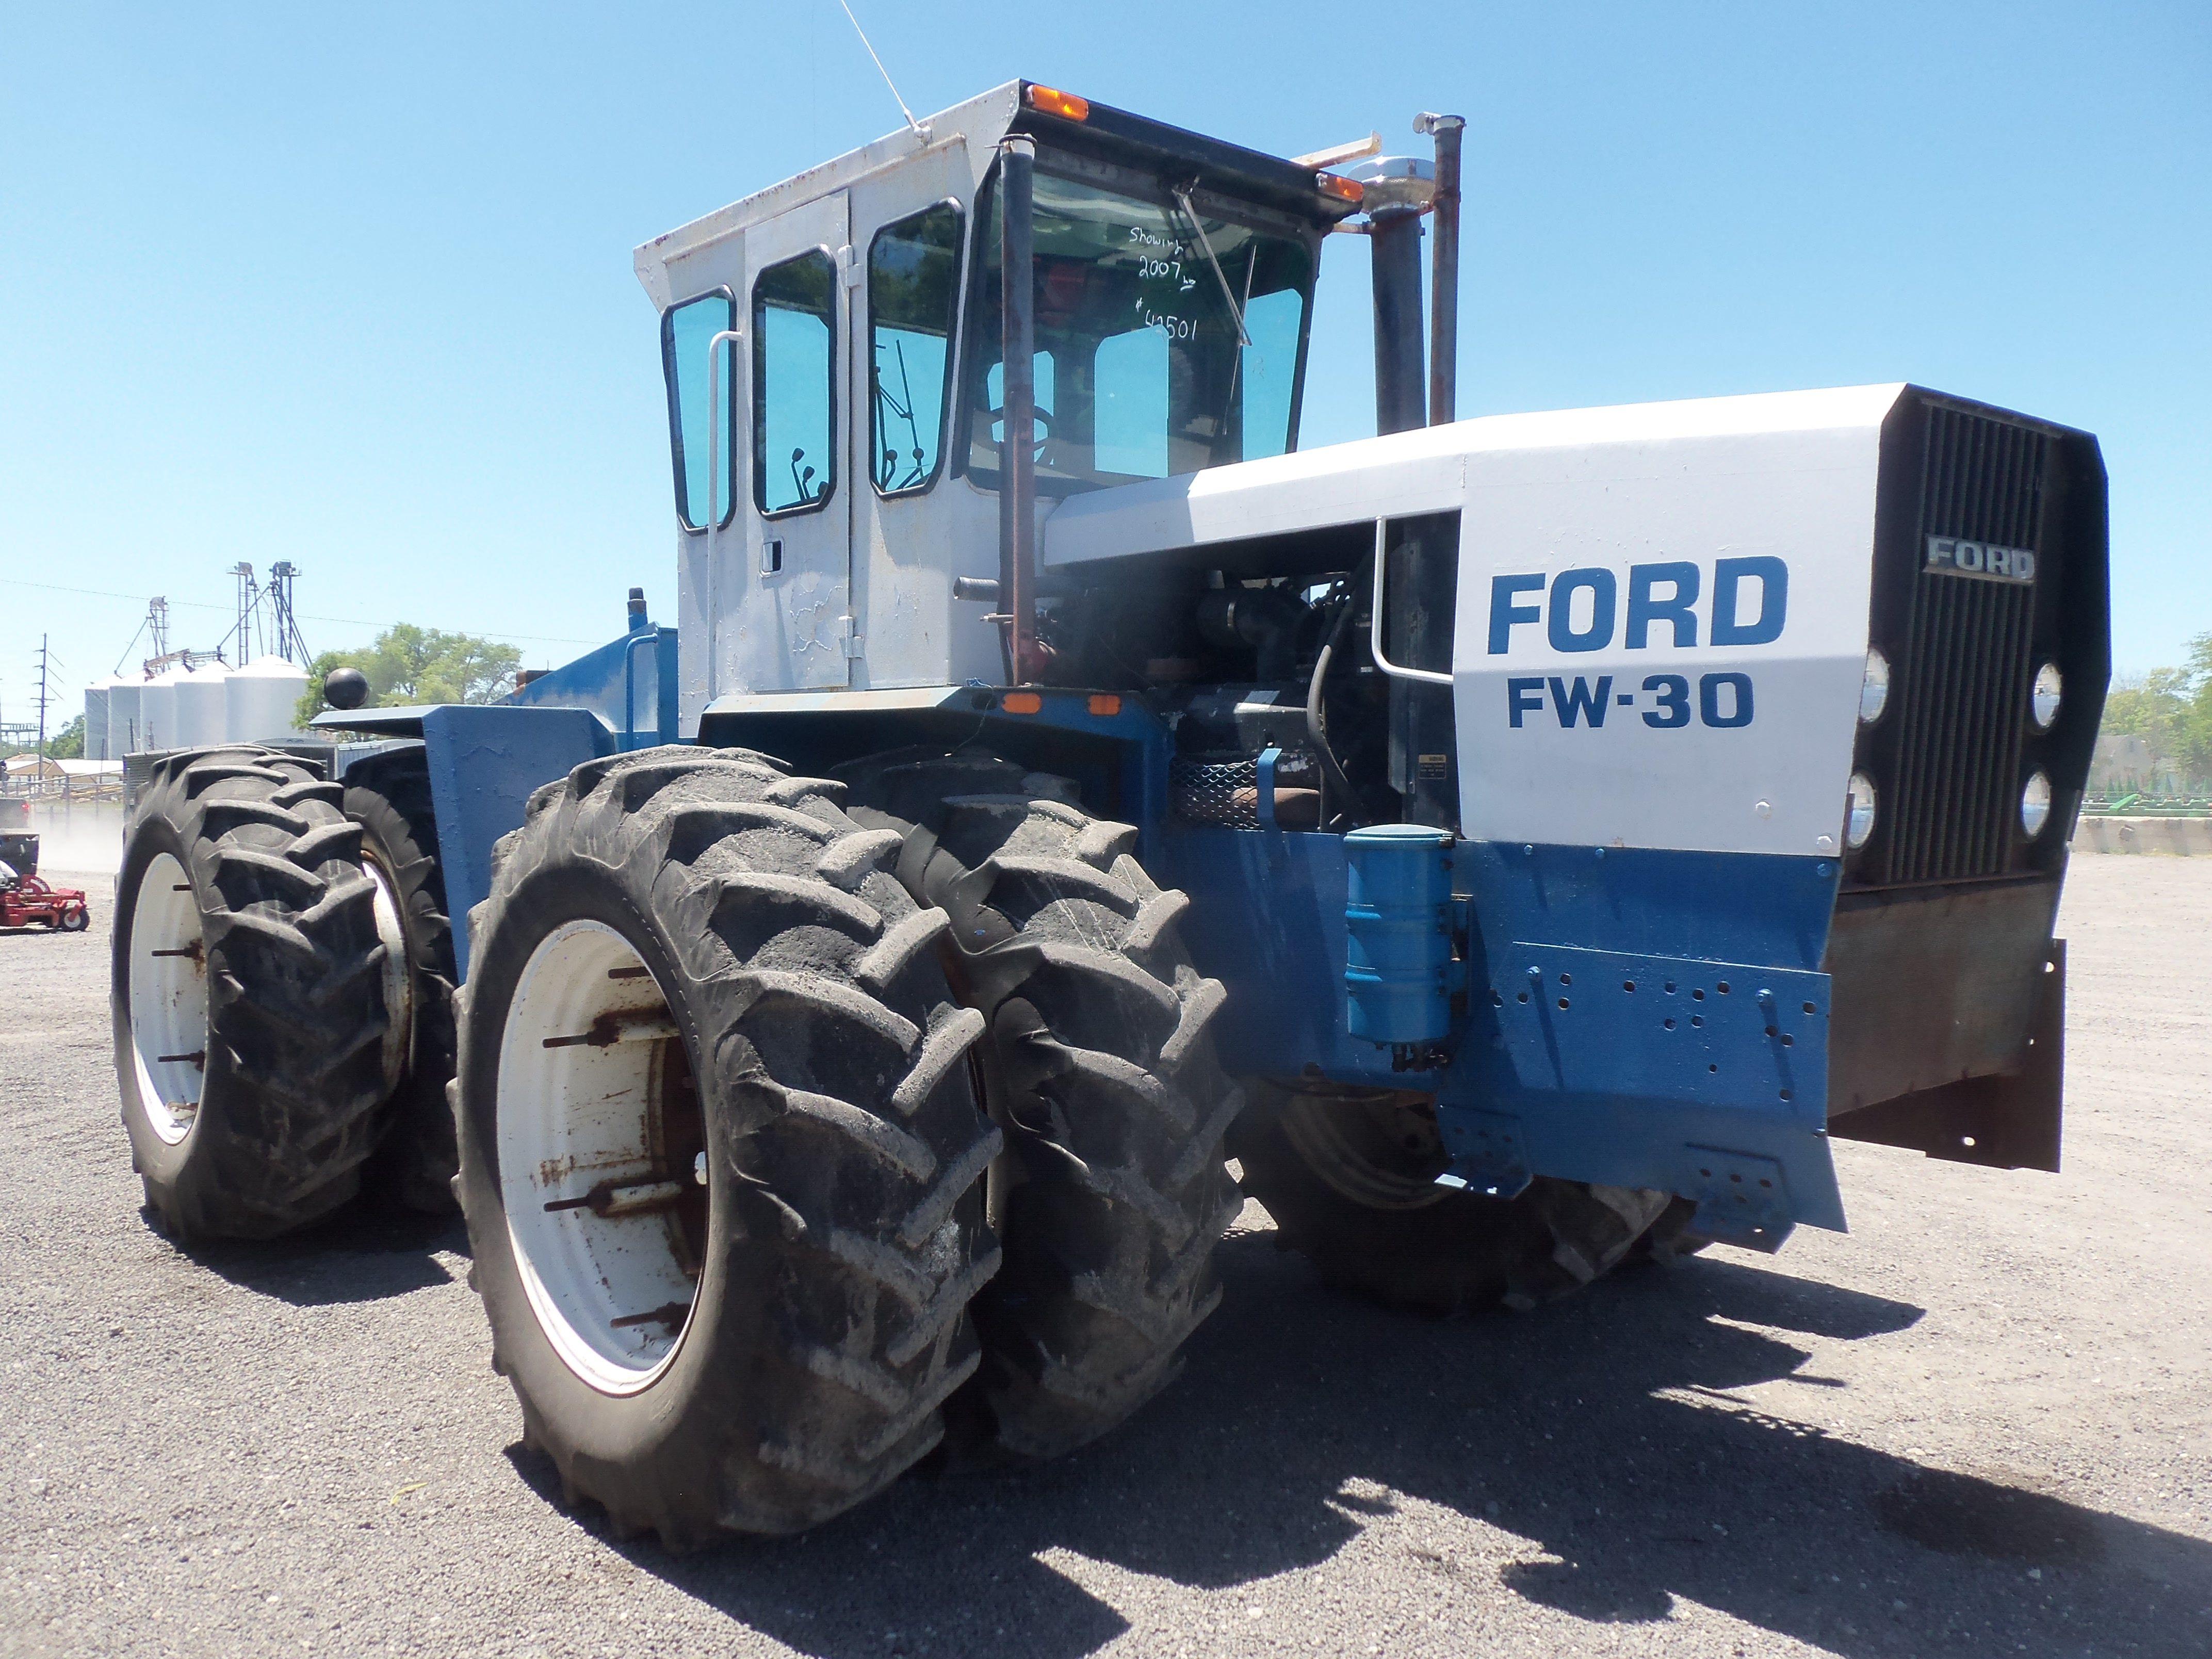 Ford Fw 30 4wd Tractor Tractors Ford Tractors Big Tractors